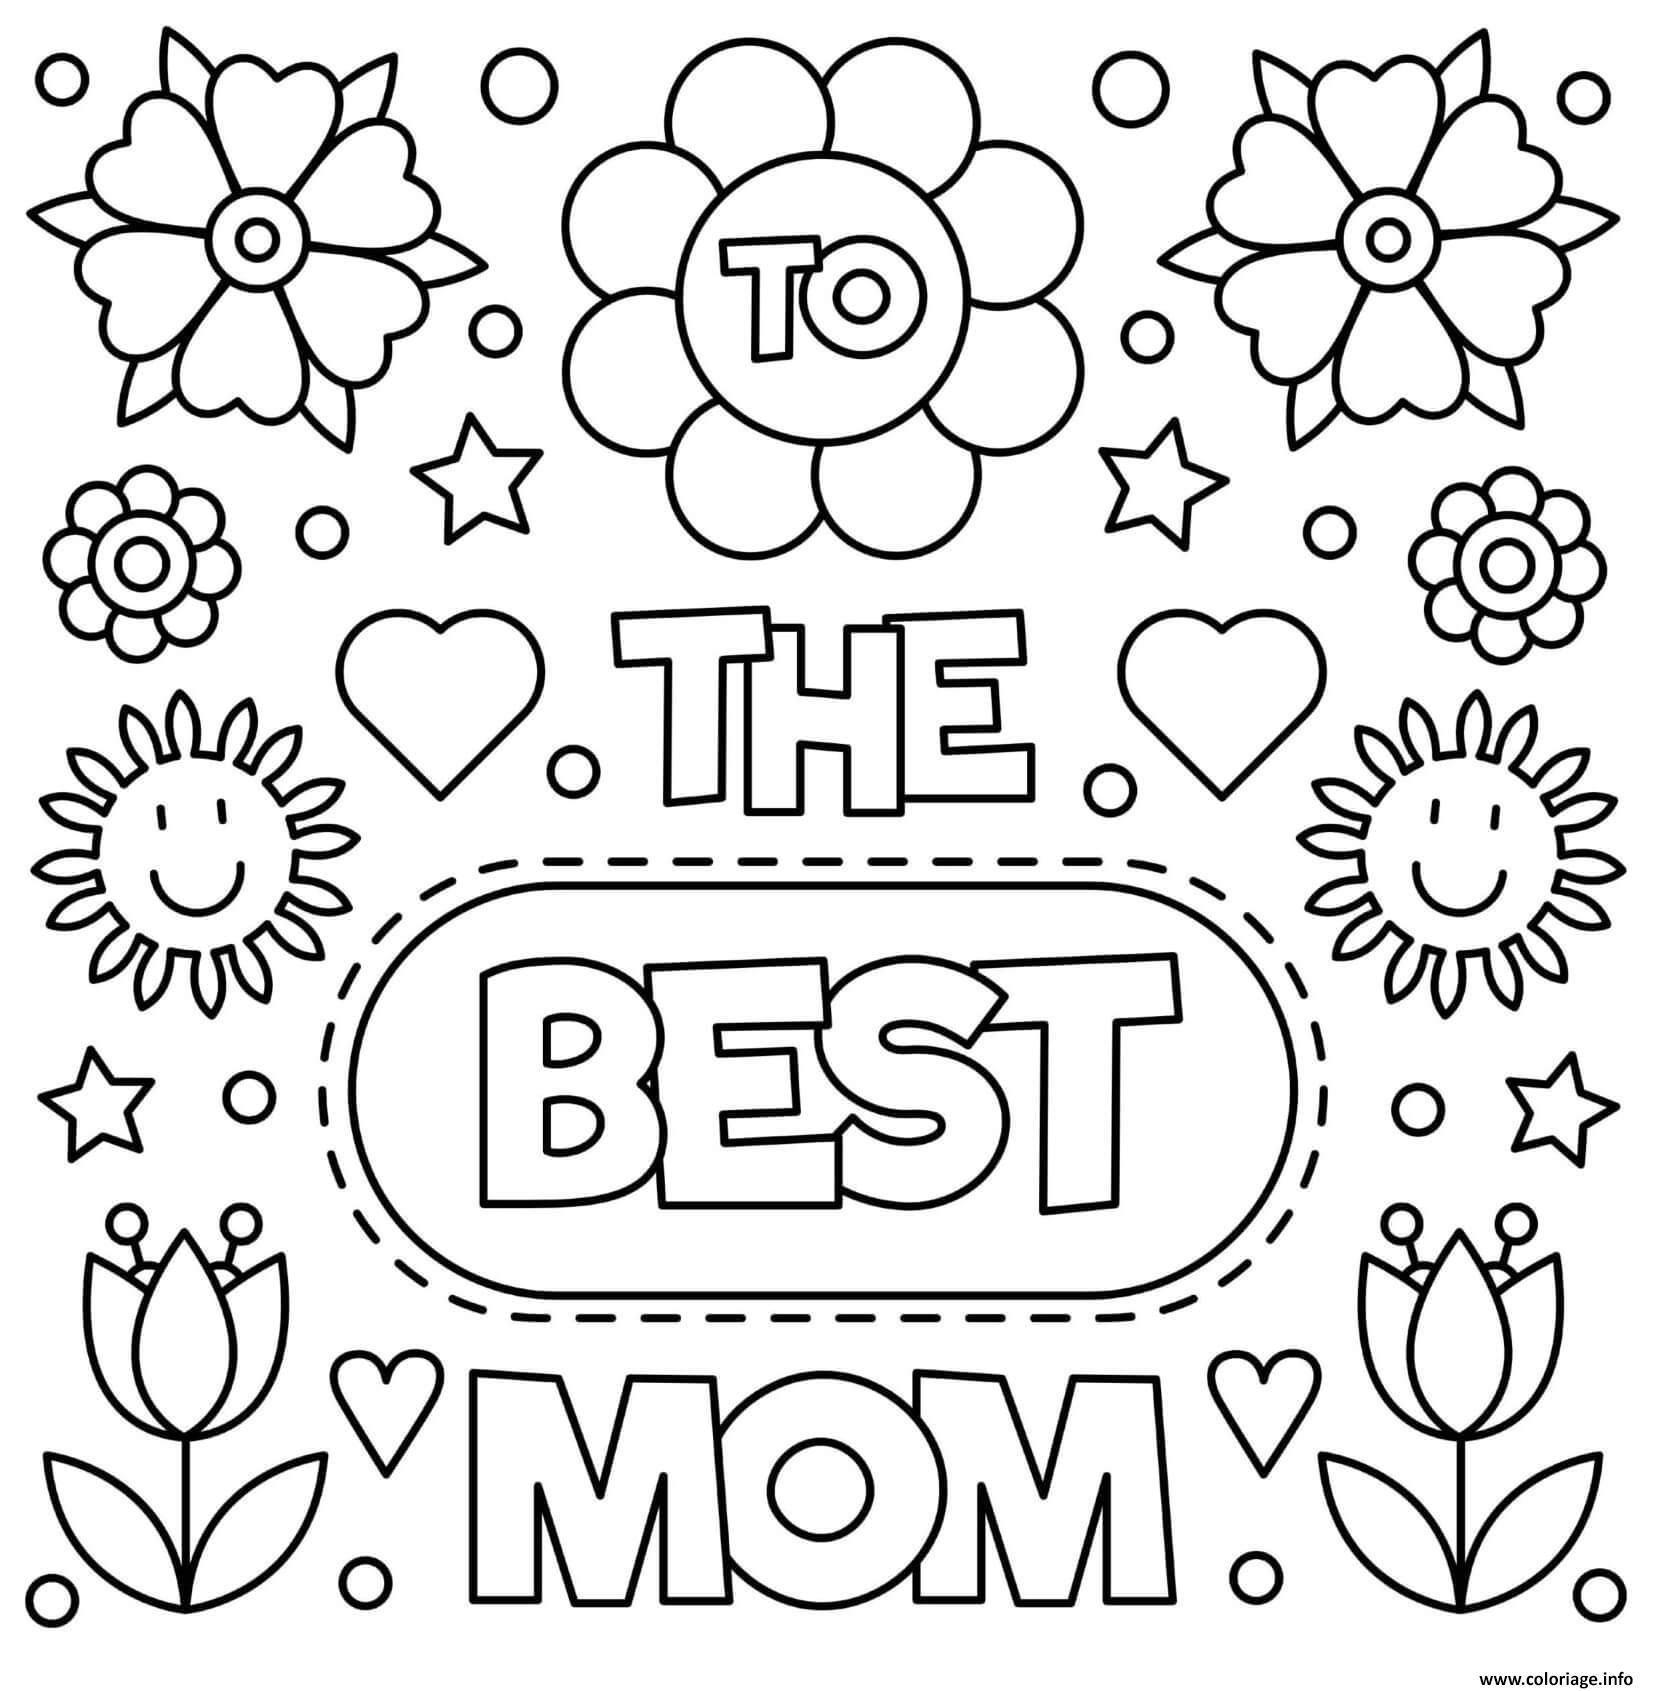 Dessin fete des meres to the best maman fleurs sign Coloriage Gratuit à Imprimer